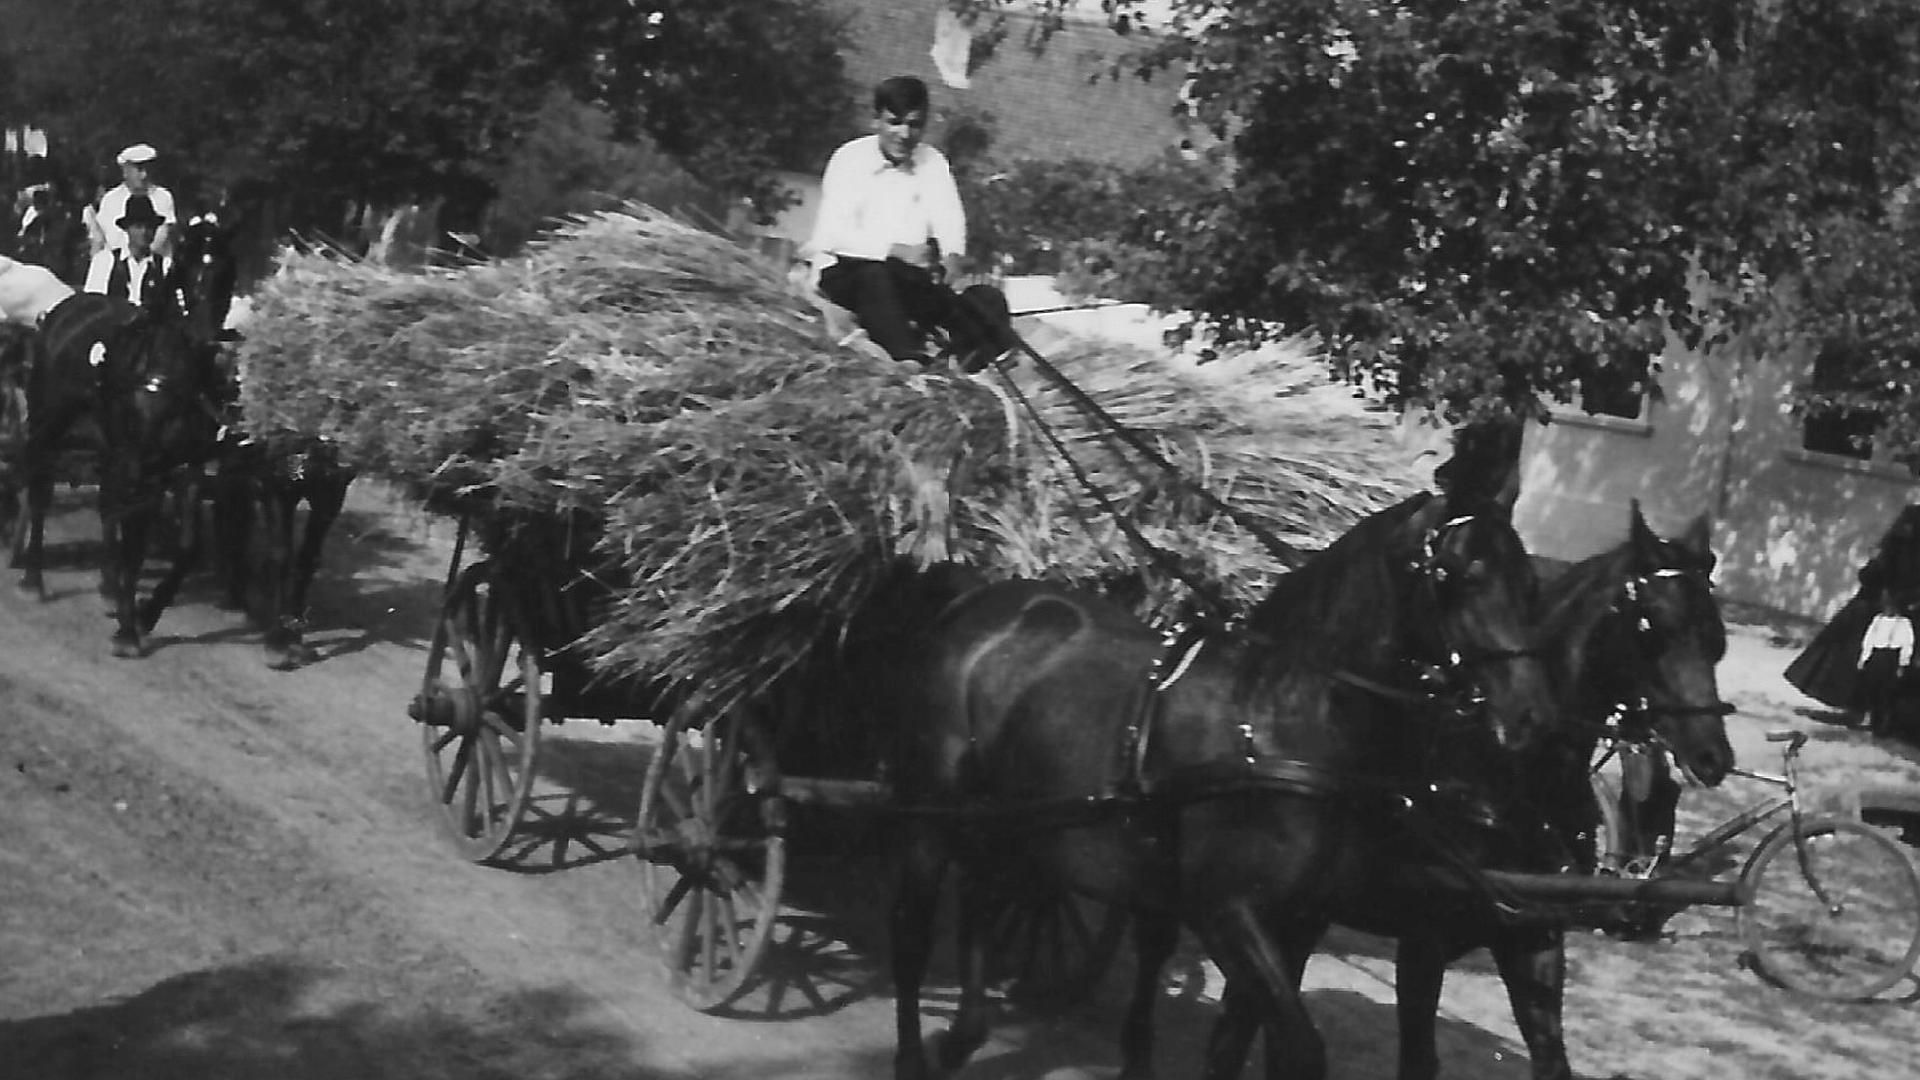 Garbenwagen des Landwirts Franz Pertschy